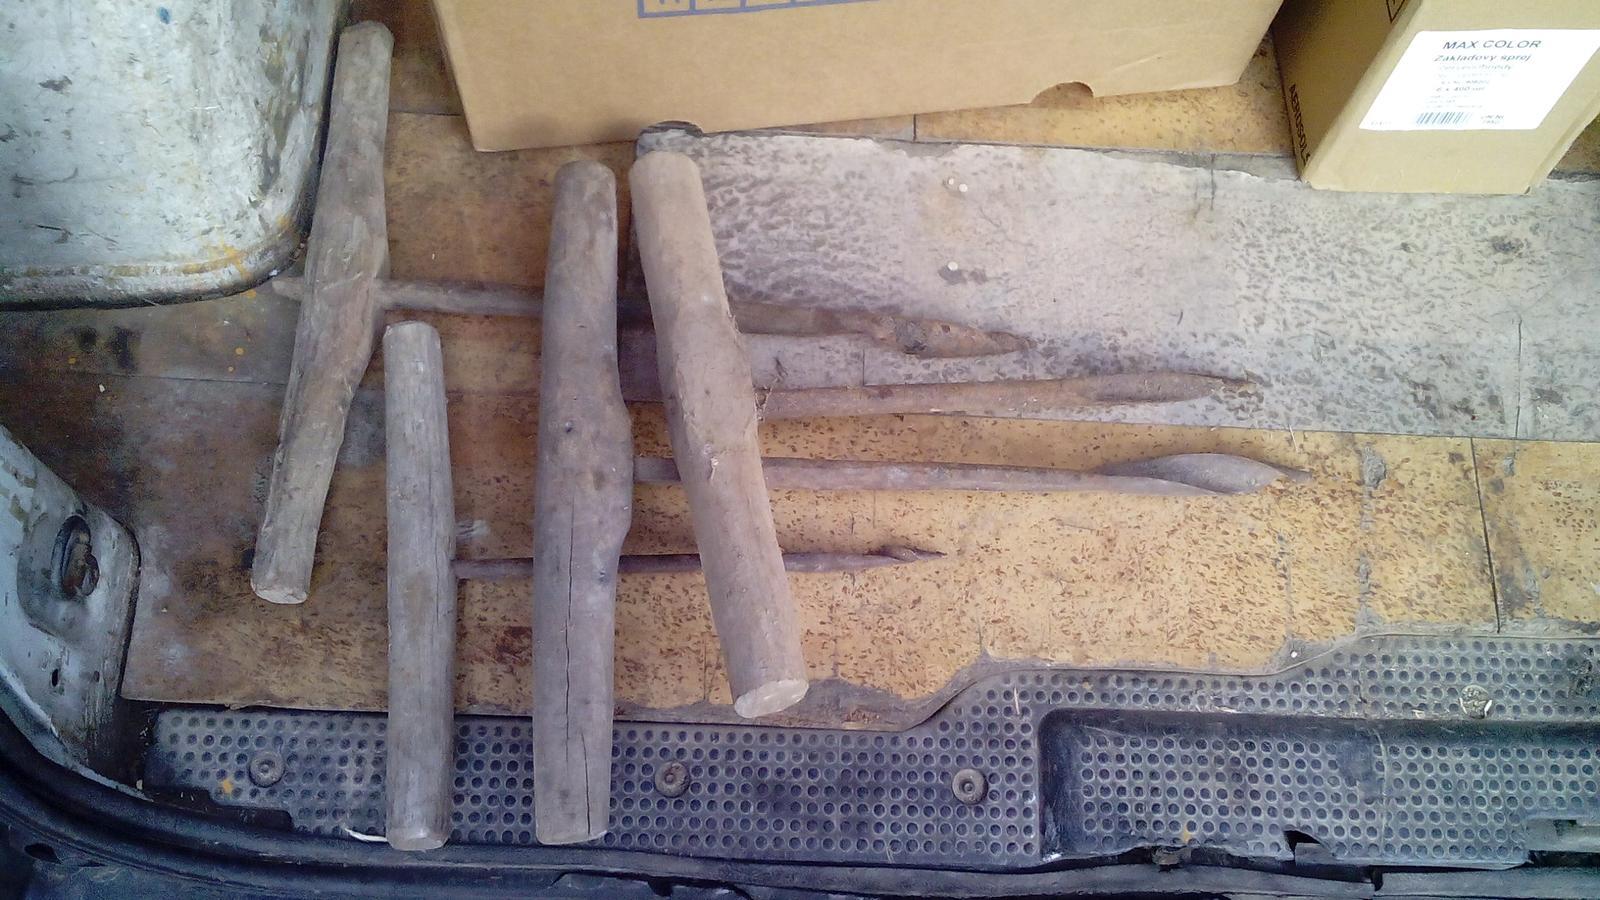 Poklady z našich chalúp - Zbierka starých vrtákov (nebožiec) ktoré sa používali pri stavbe dreveníc a krovov.